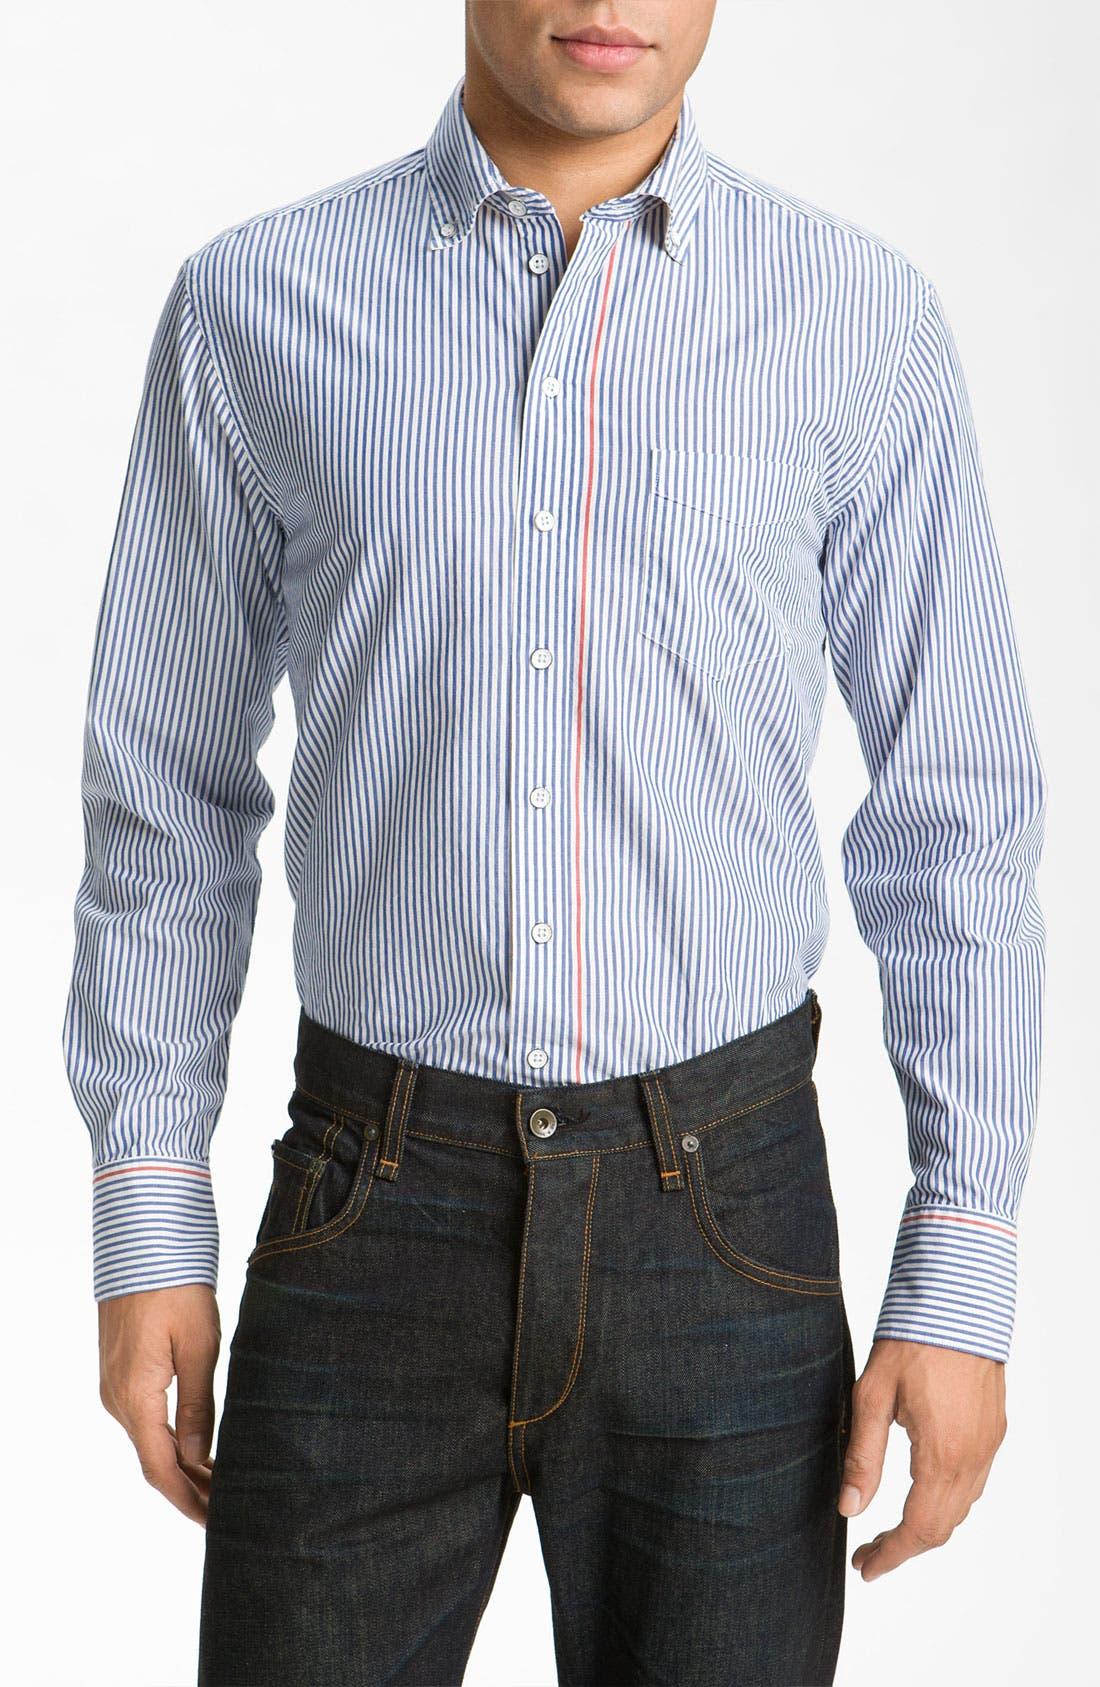 Main Image - rag & bone Oxford Shirt